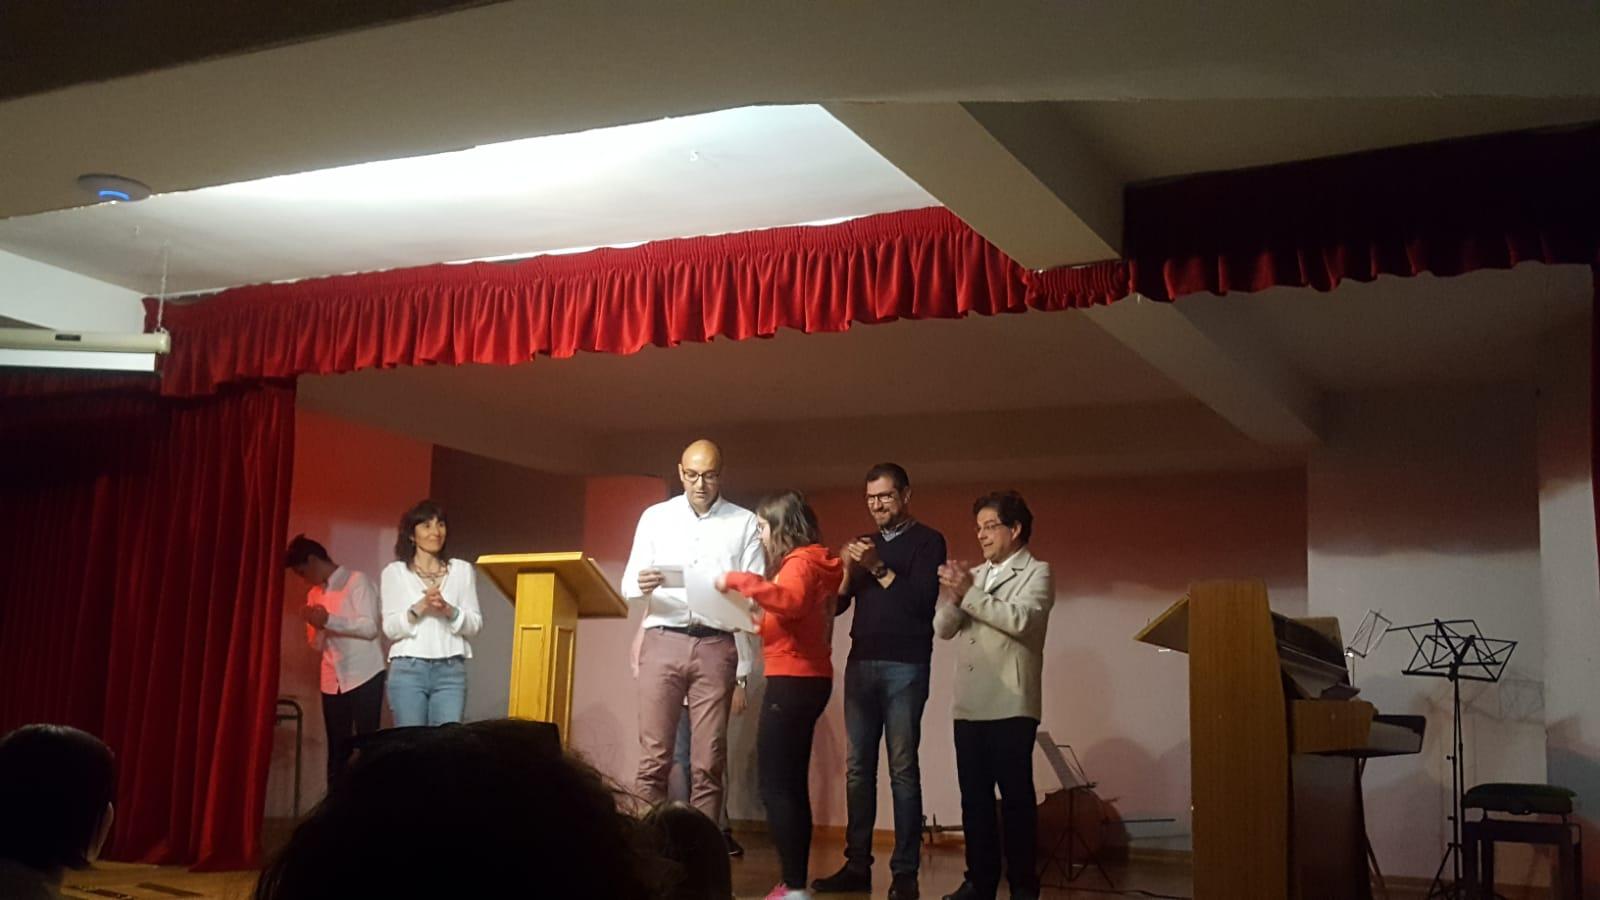 La UCAV organiza un concurso de microrrelatos en el IES Vasco de la Zarza